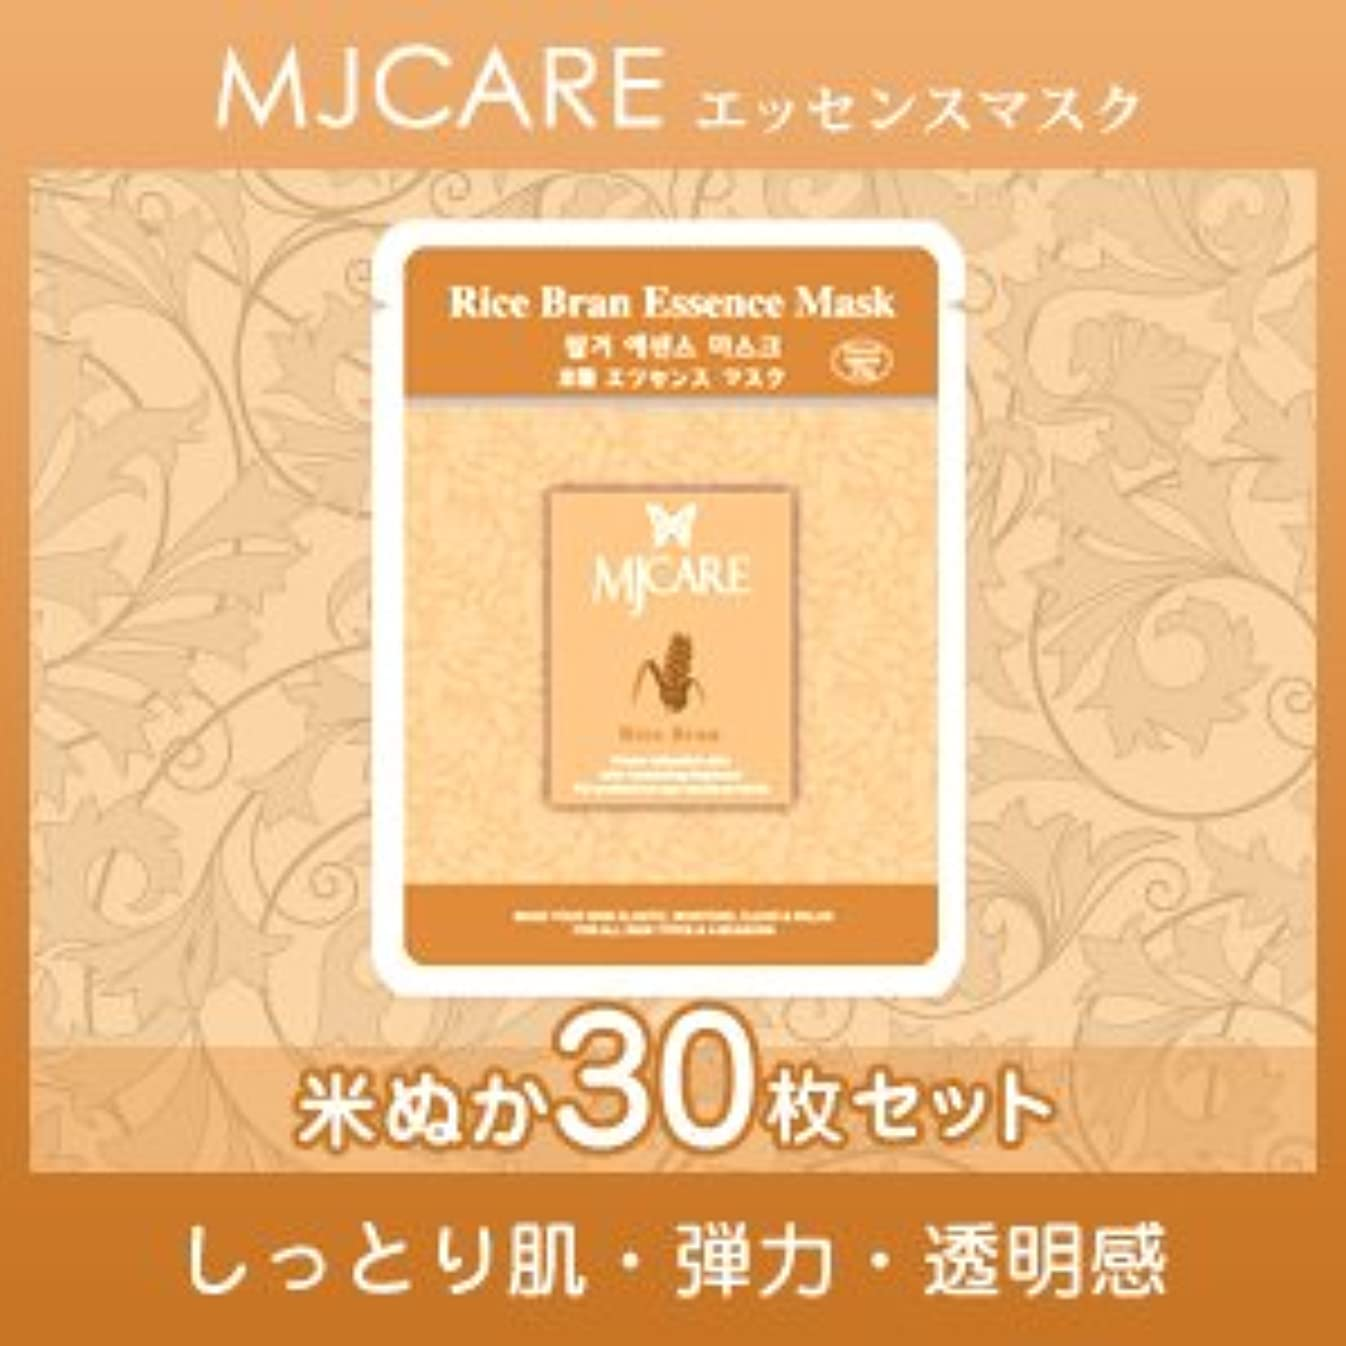 窓を洗うセンチメートル受賞MJCARE (エムジェイケア) 米ぬか エッセンスマスク 30セット